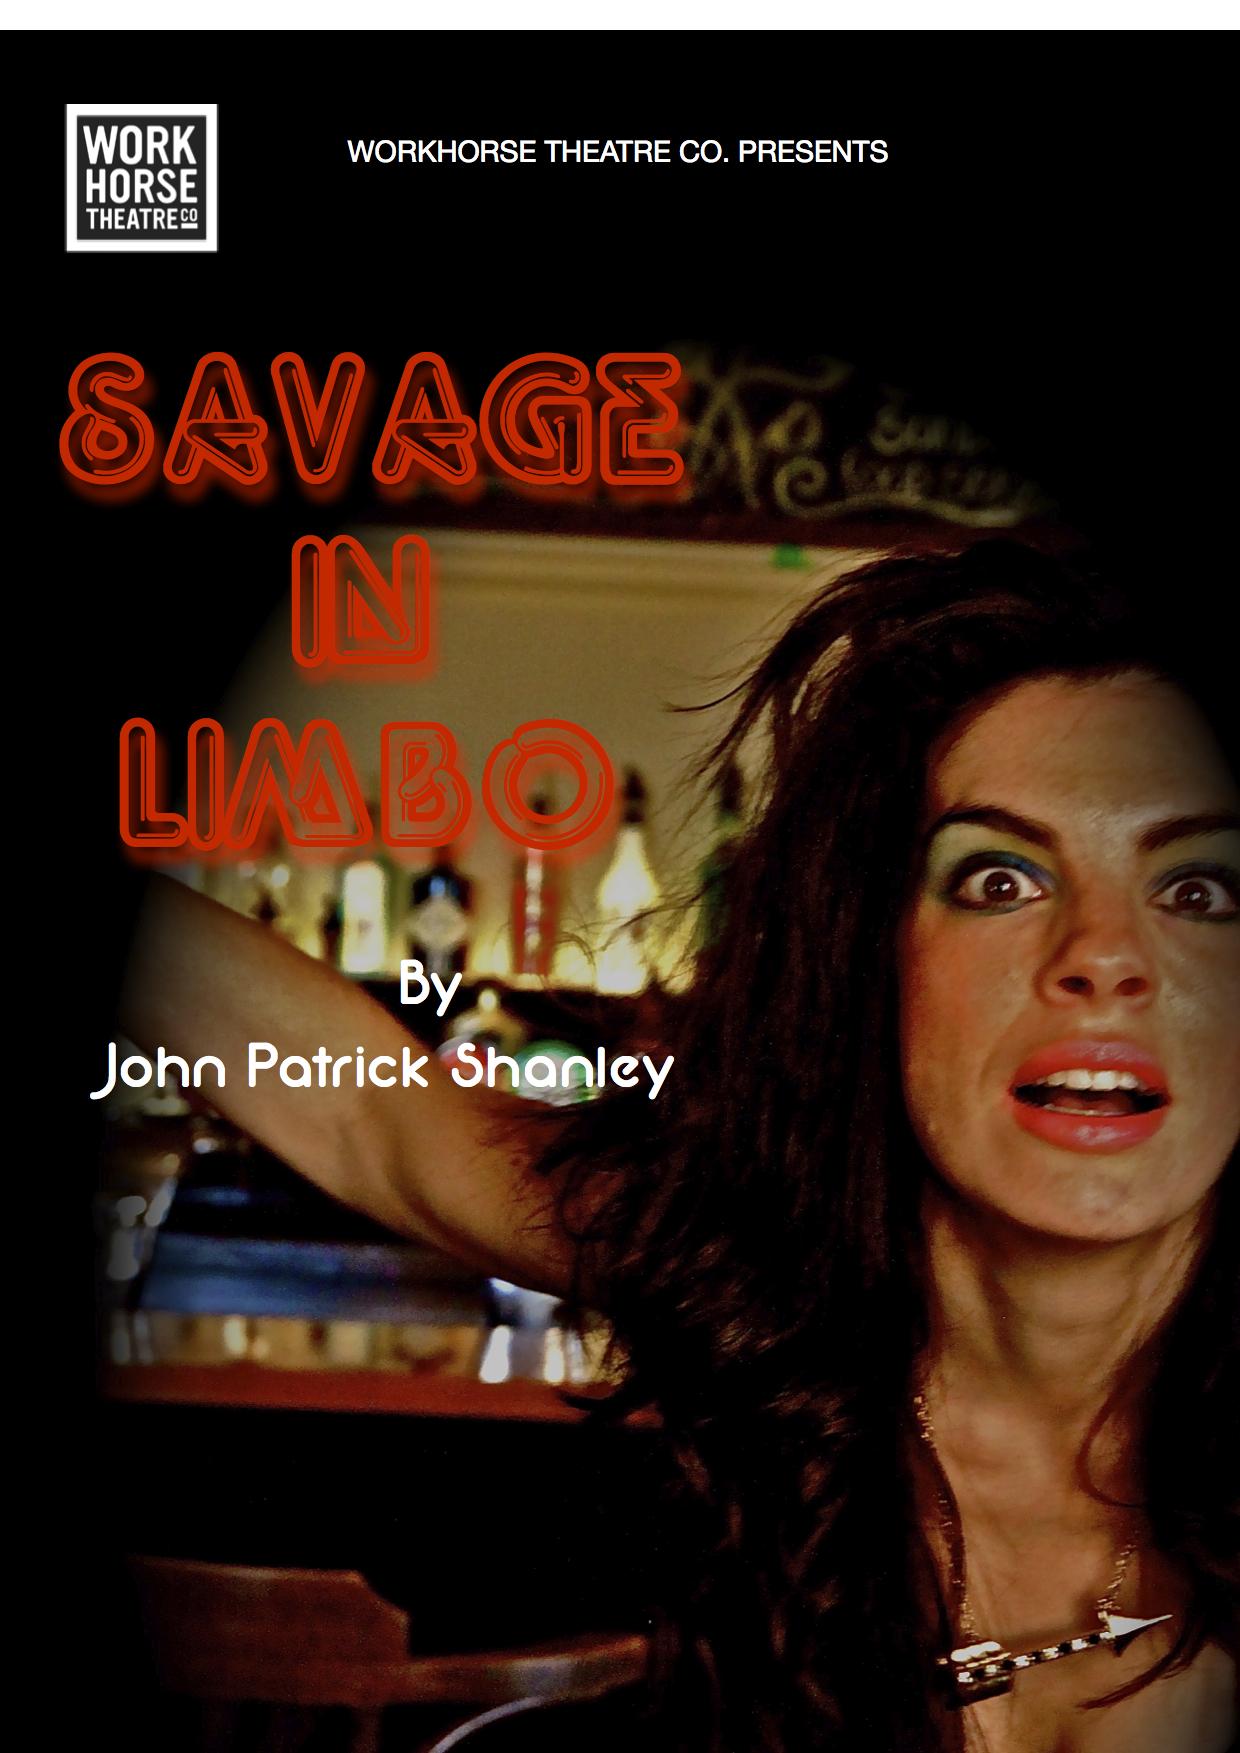 Savage poster website.jpg